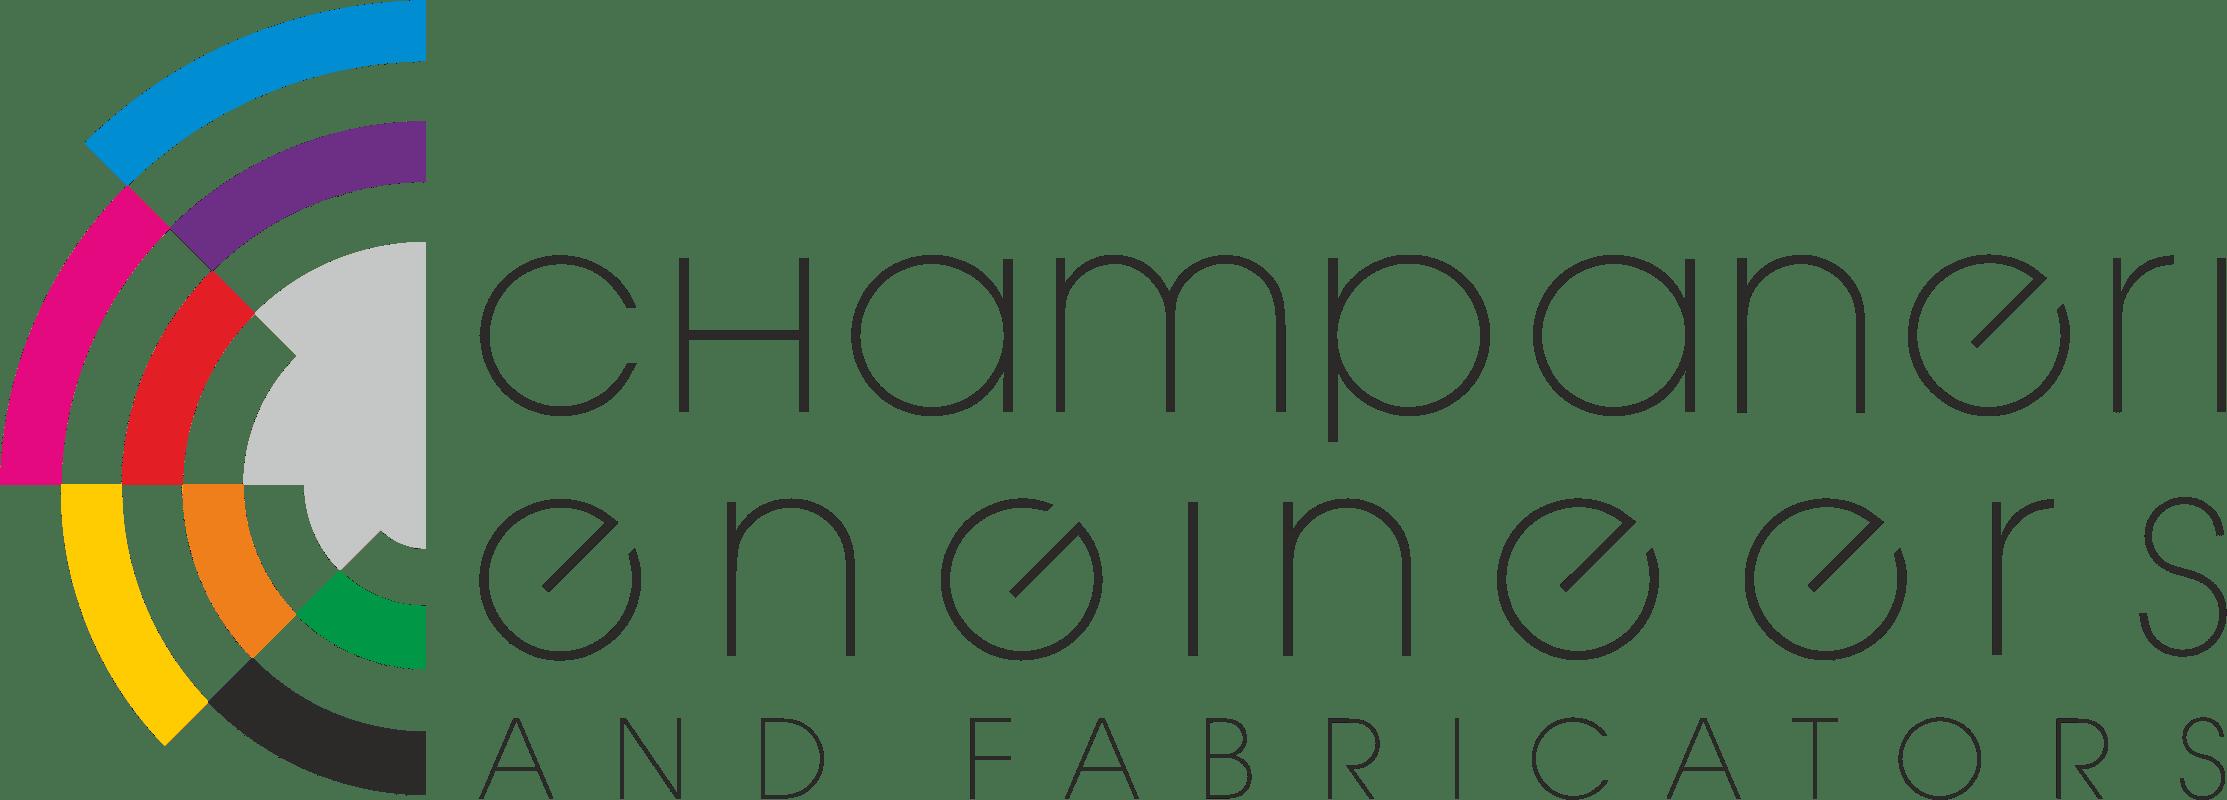 Champaneri Engineers and Fabricators